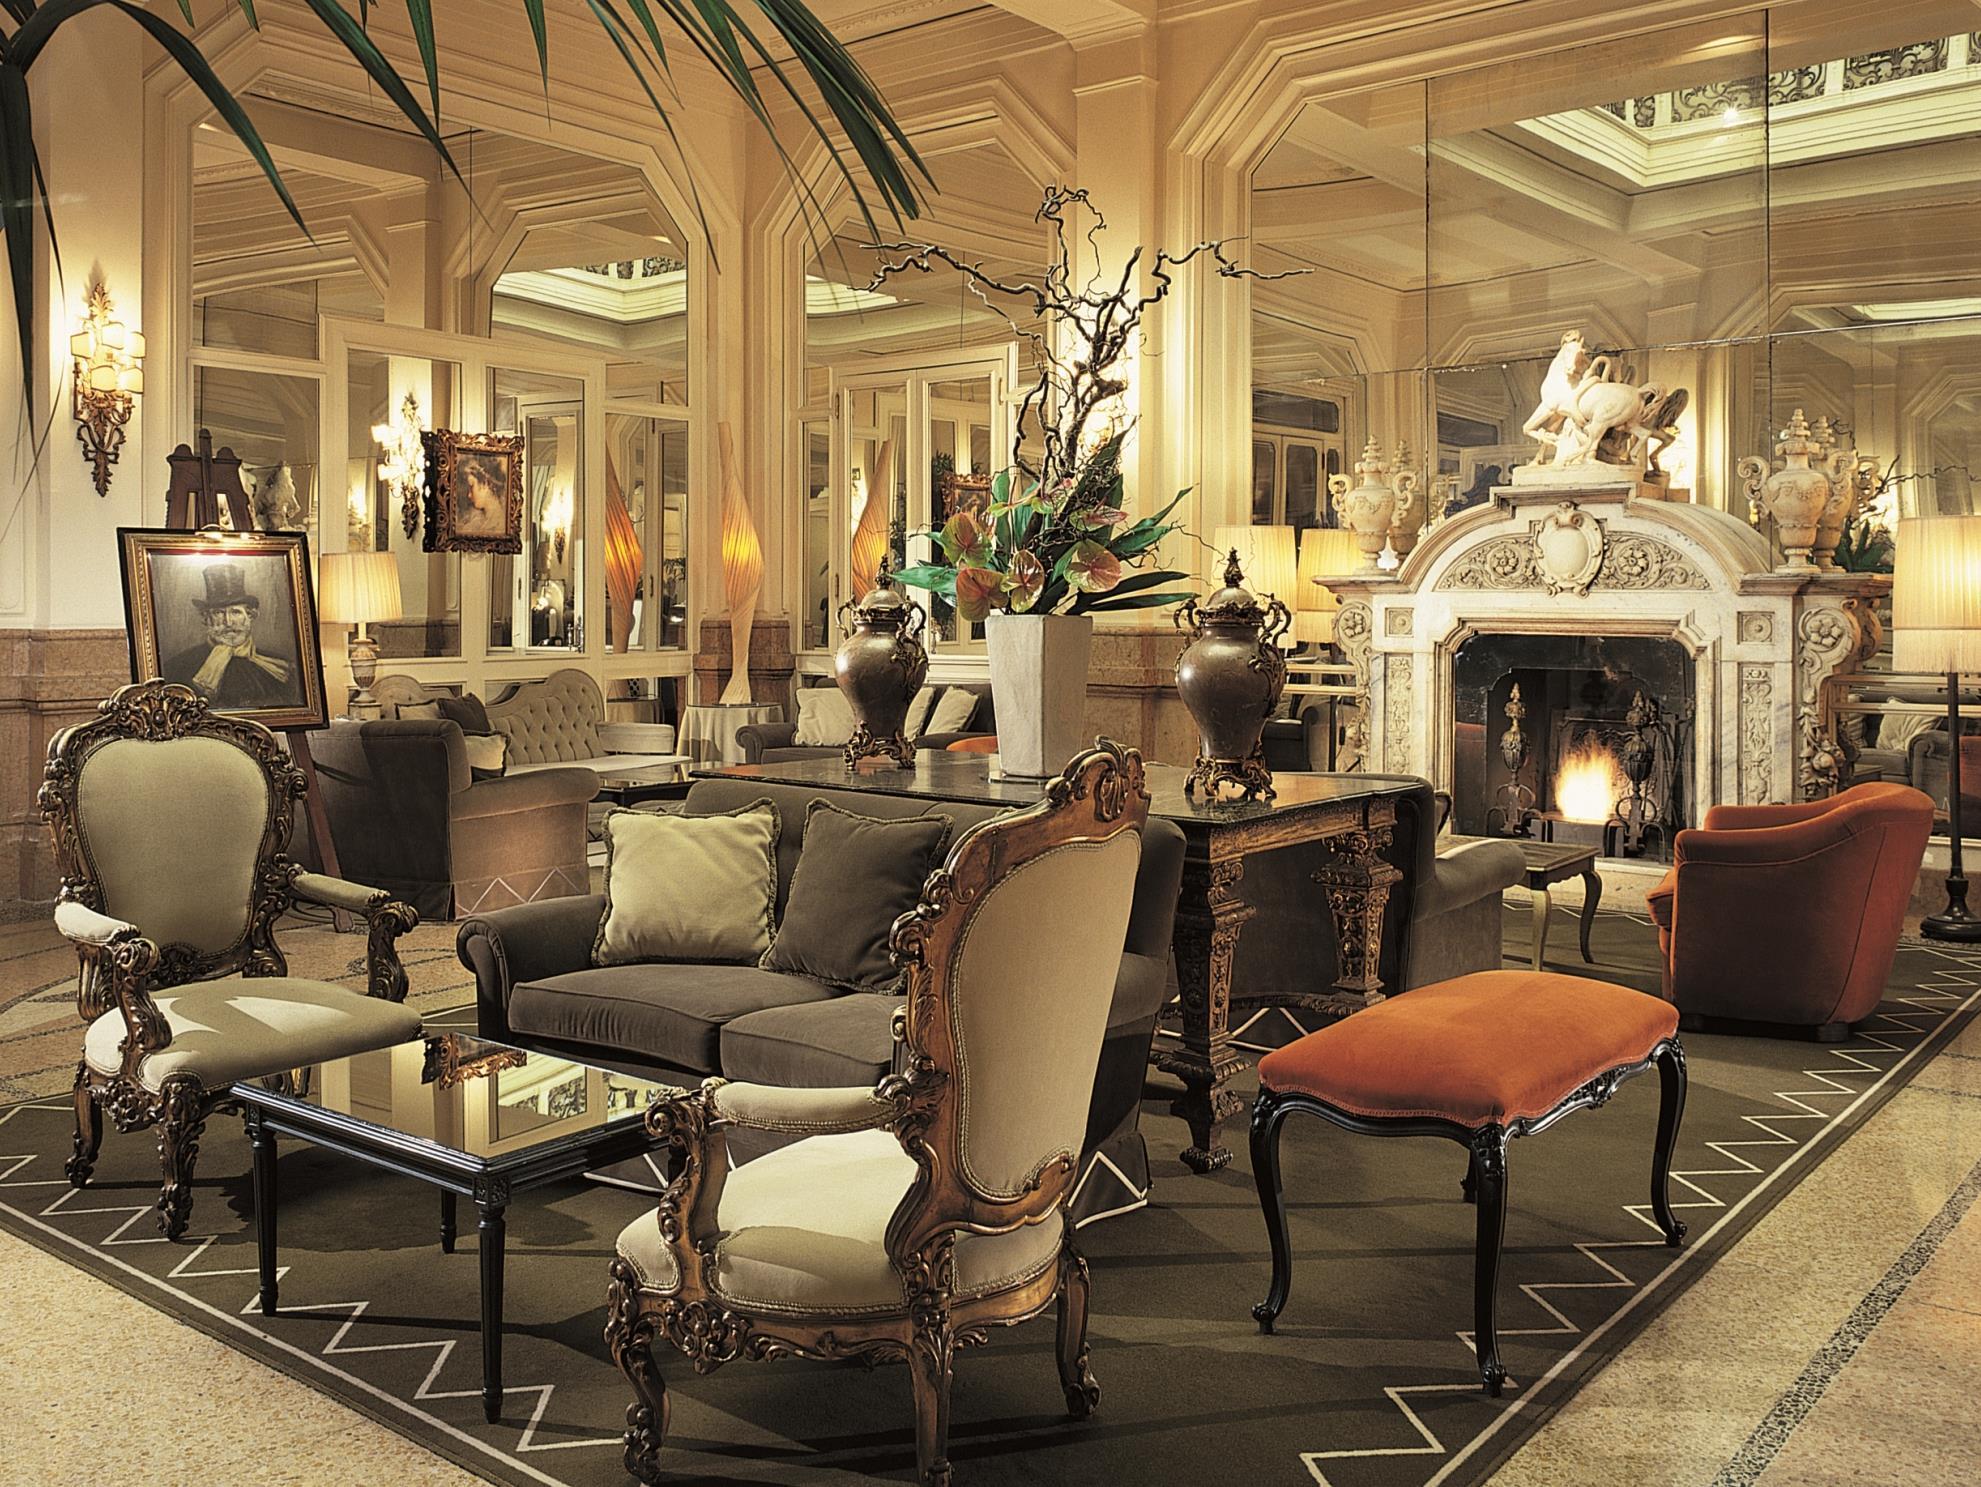 http://pix6.agoda.net/hotelImages/648/6483/6483_16040614570041350884.jpg